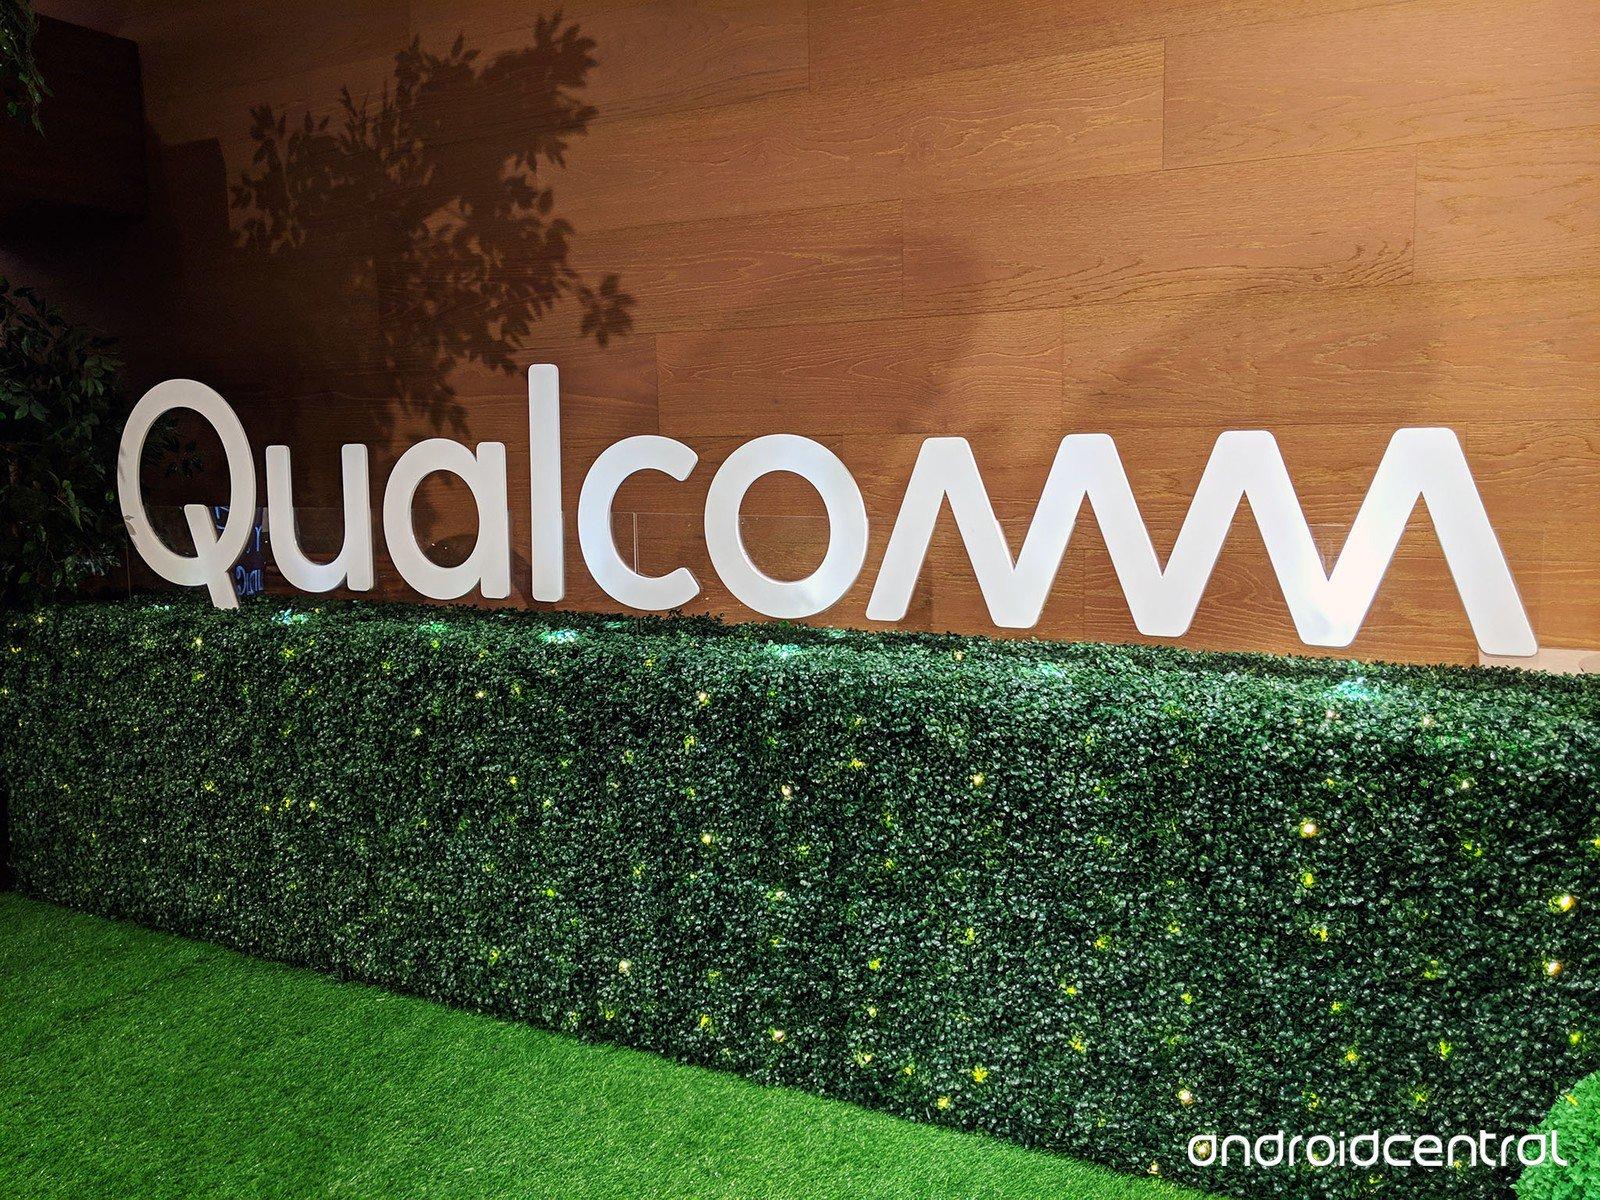 Tìm hiểu sâu hơn về lỗ hổng QualPwn mới tồn tại trên những con chip Snapdragon của Qualcomm